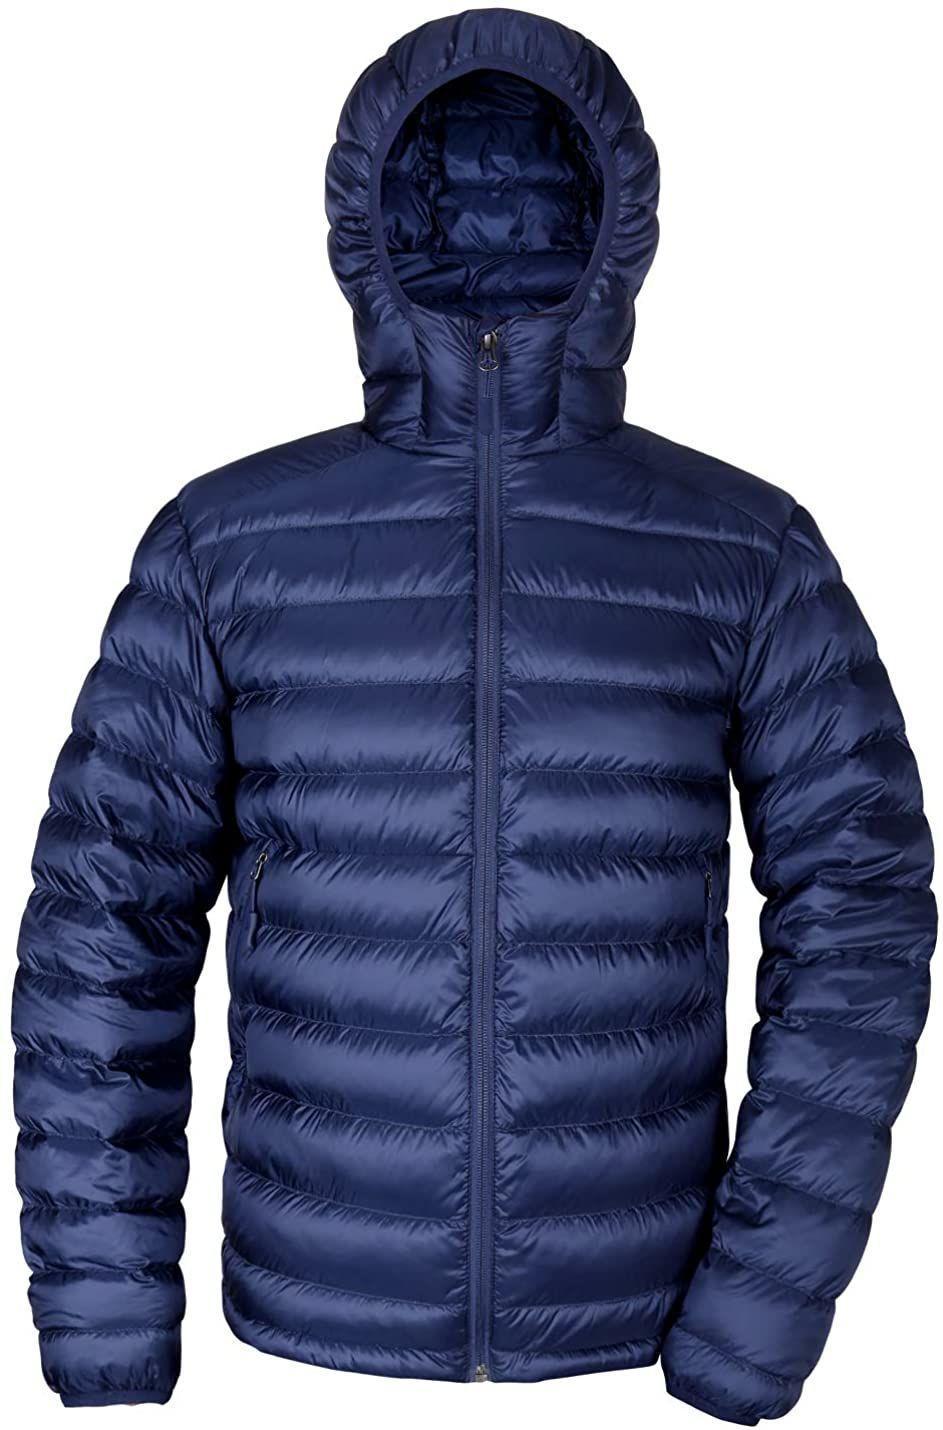 Fırın Erkek Kapşonlu Katlanabilir Ceket, Hafif kapitone Aşağı Sıcak Kış Ceket